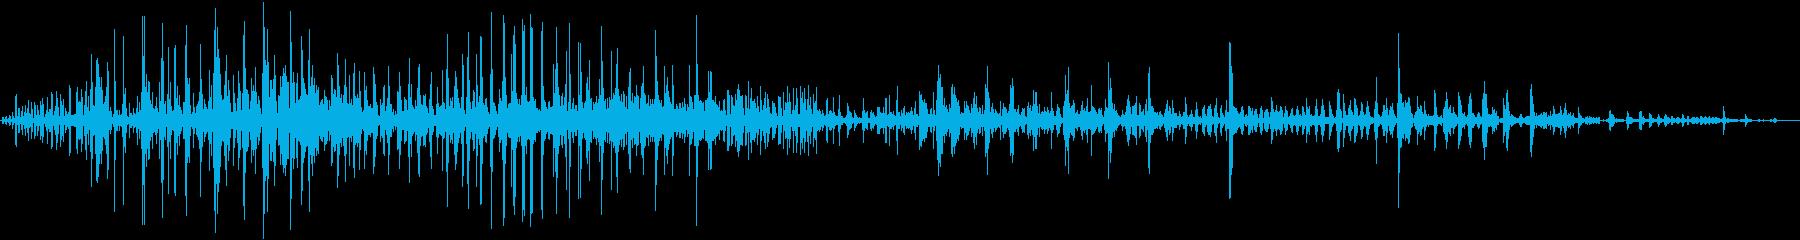 軋む音・踏みつけ_2の再生済みの波形